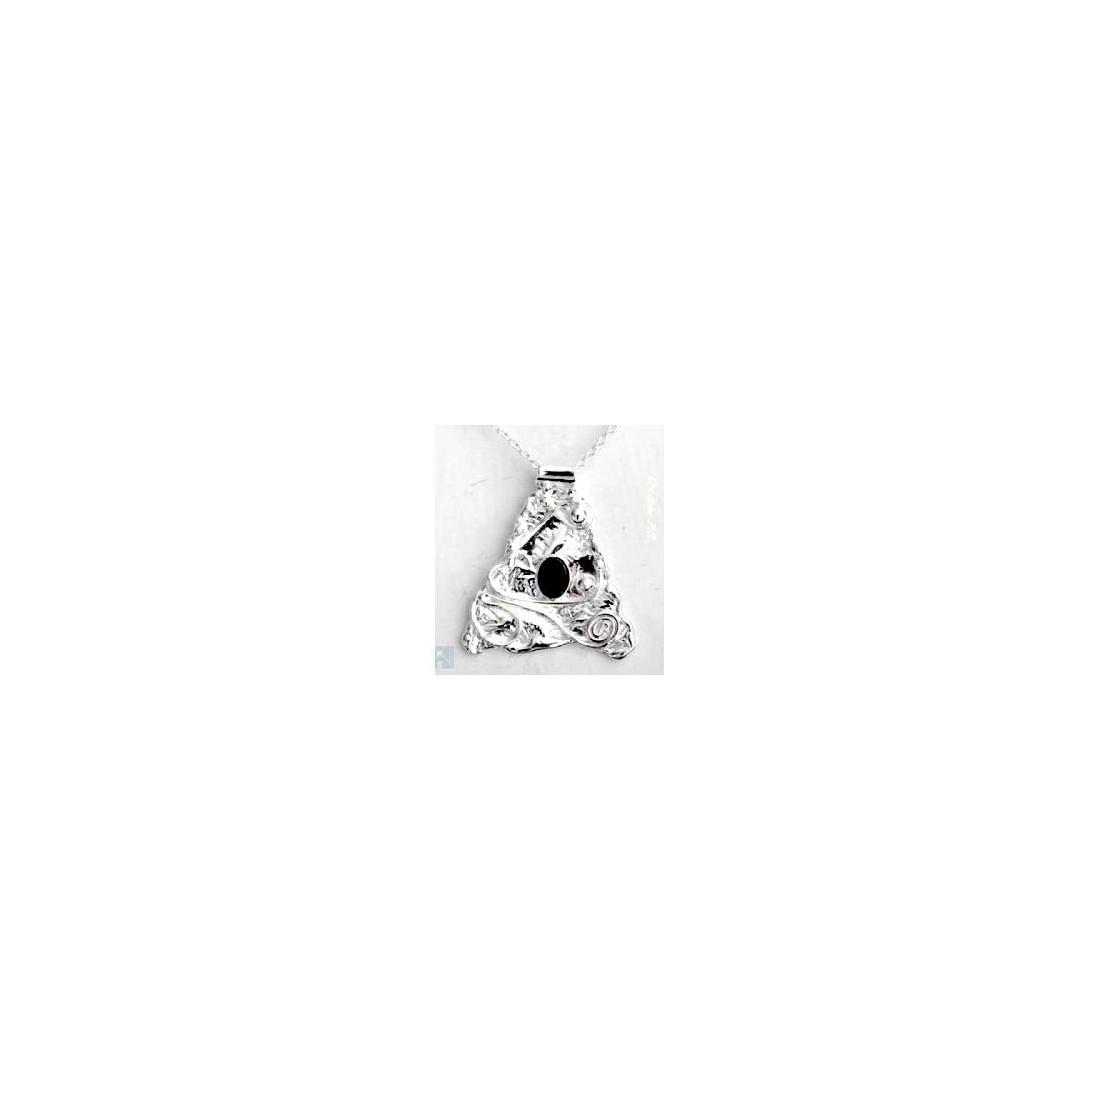 Petit pendentif artisanal avec une pierre fine appelée améthyste..